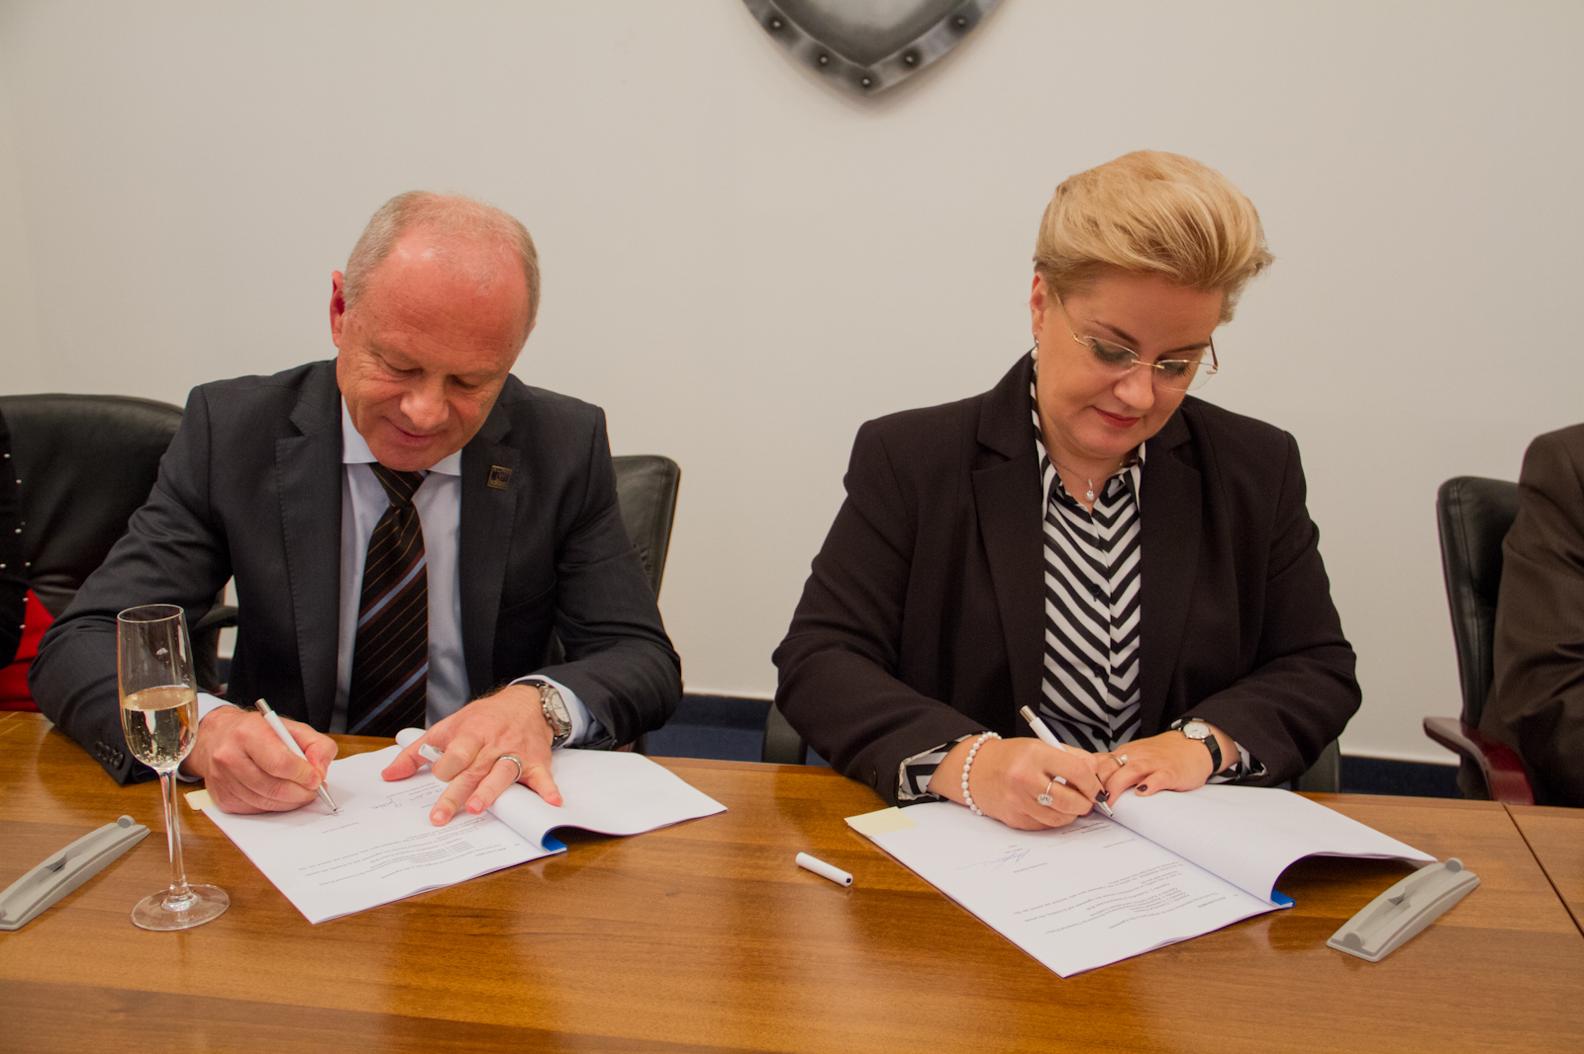 Az Euromedic Dent és a KaVo stratégiai együttműködési megállapodást írtak alá